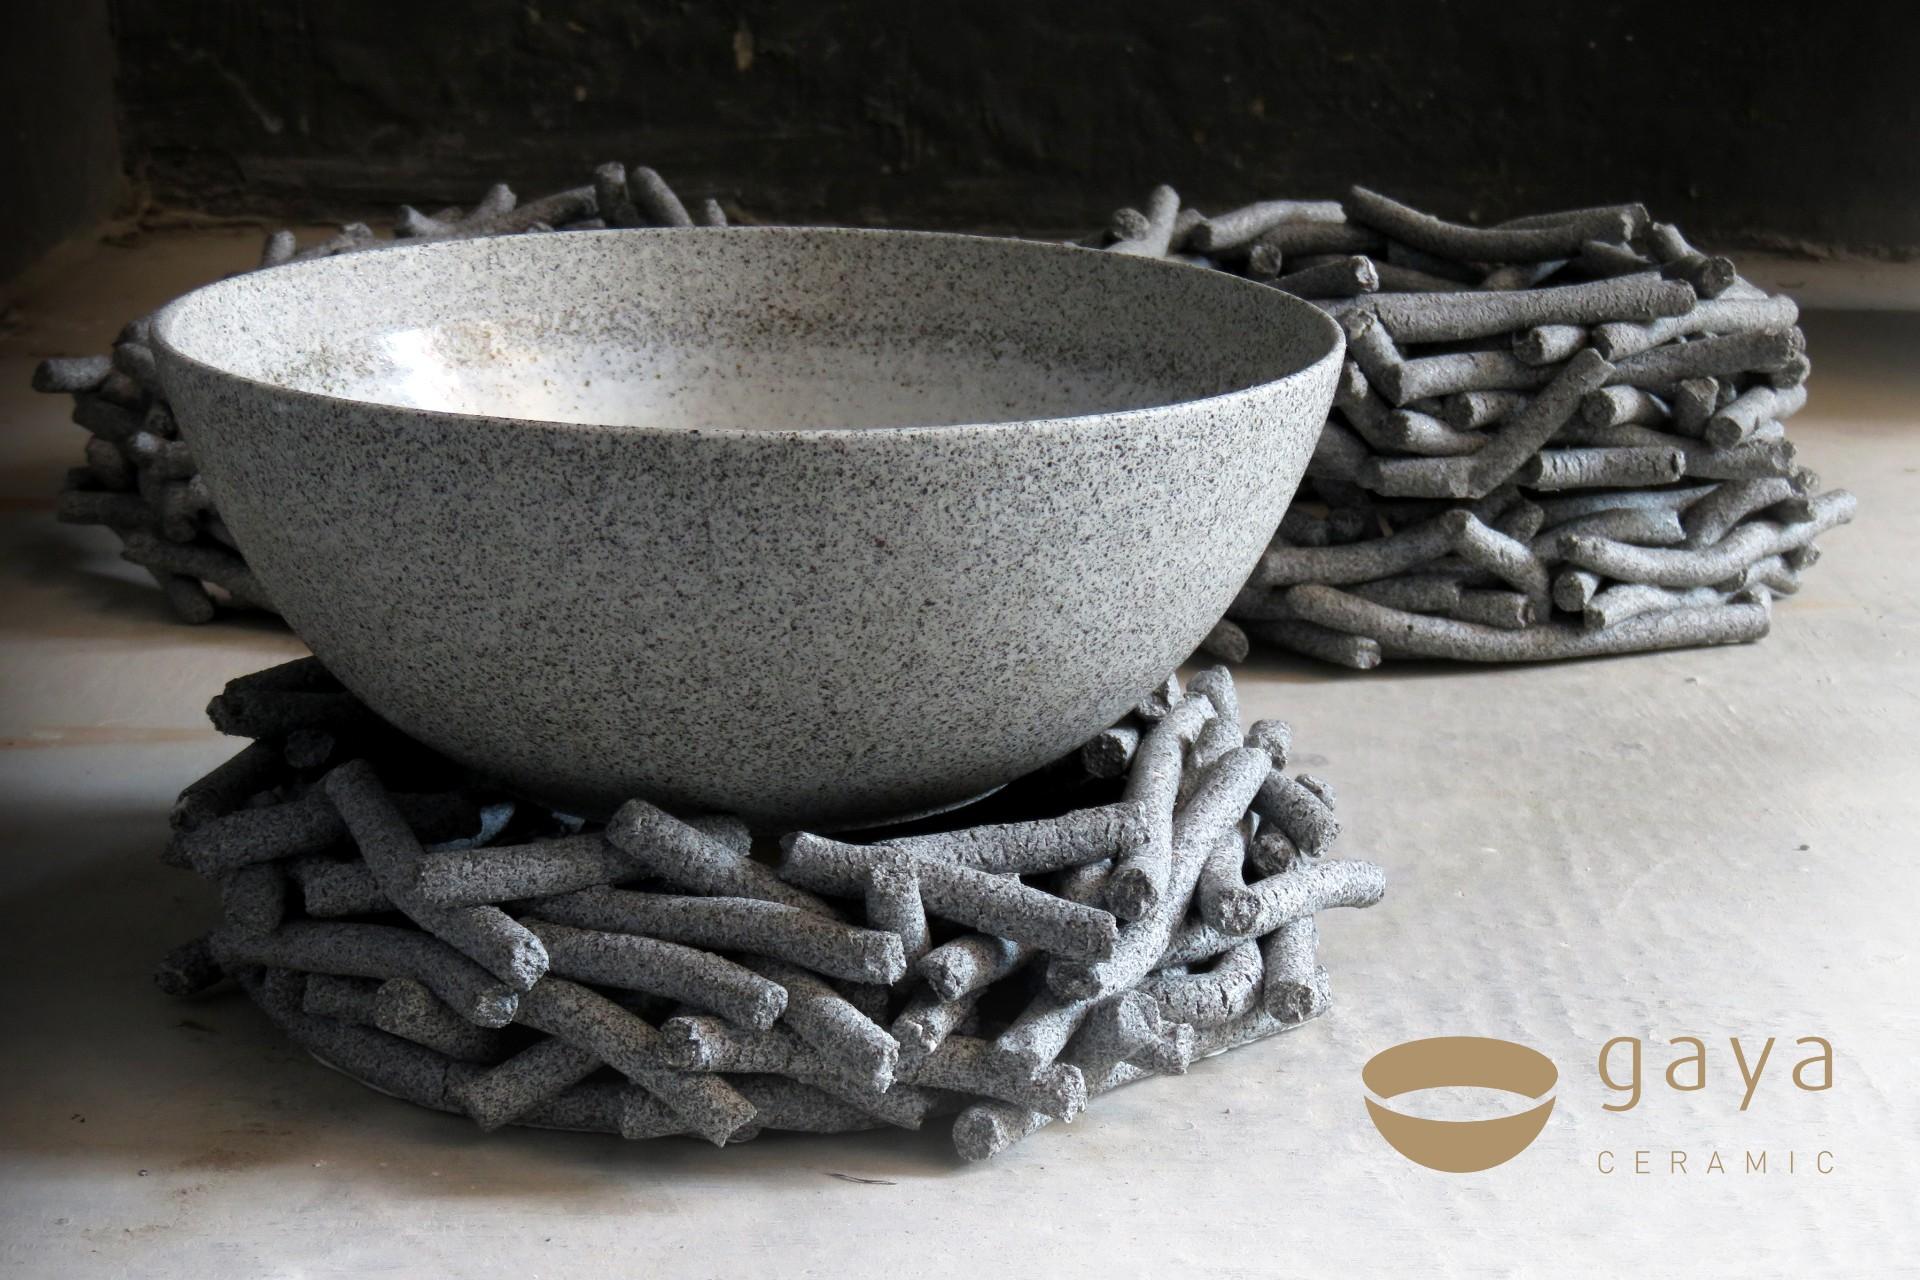 Gaya_Ceramic_logo_simple_bowl_holds.jpg